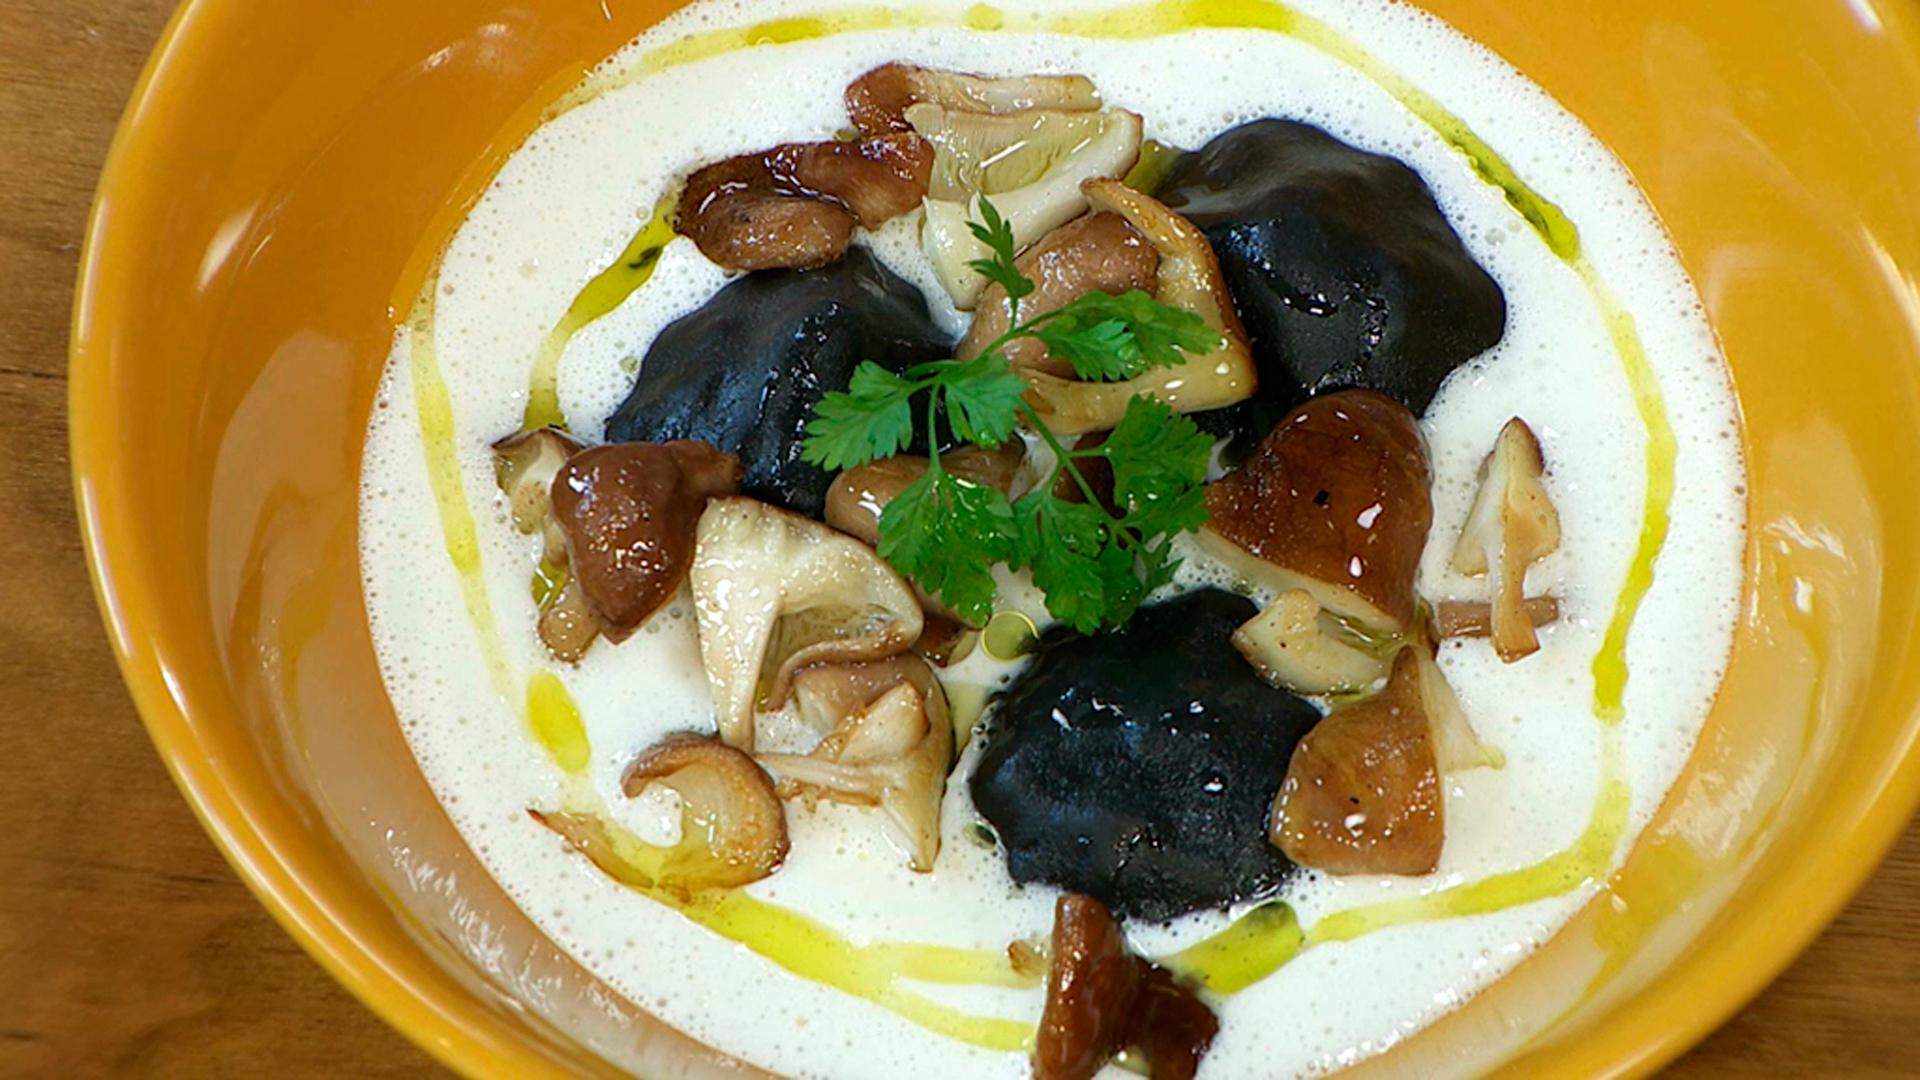 Torres en la cocina - Raviolis de langostinos con setas